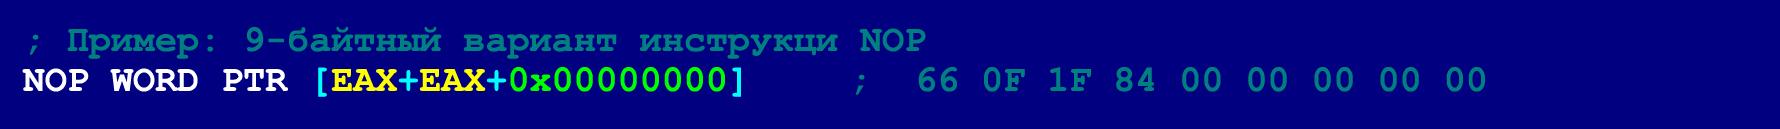 Как написать на ассемблере программу с перекрываемыми инструкциями (ещё одна техника обфускации байт-кода) - 7